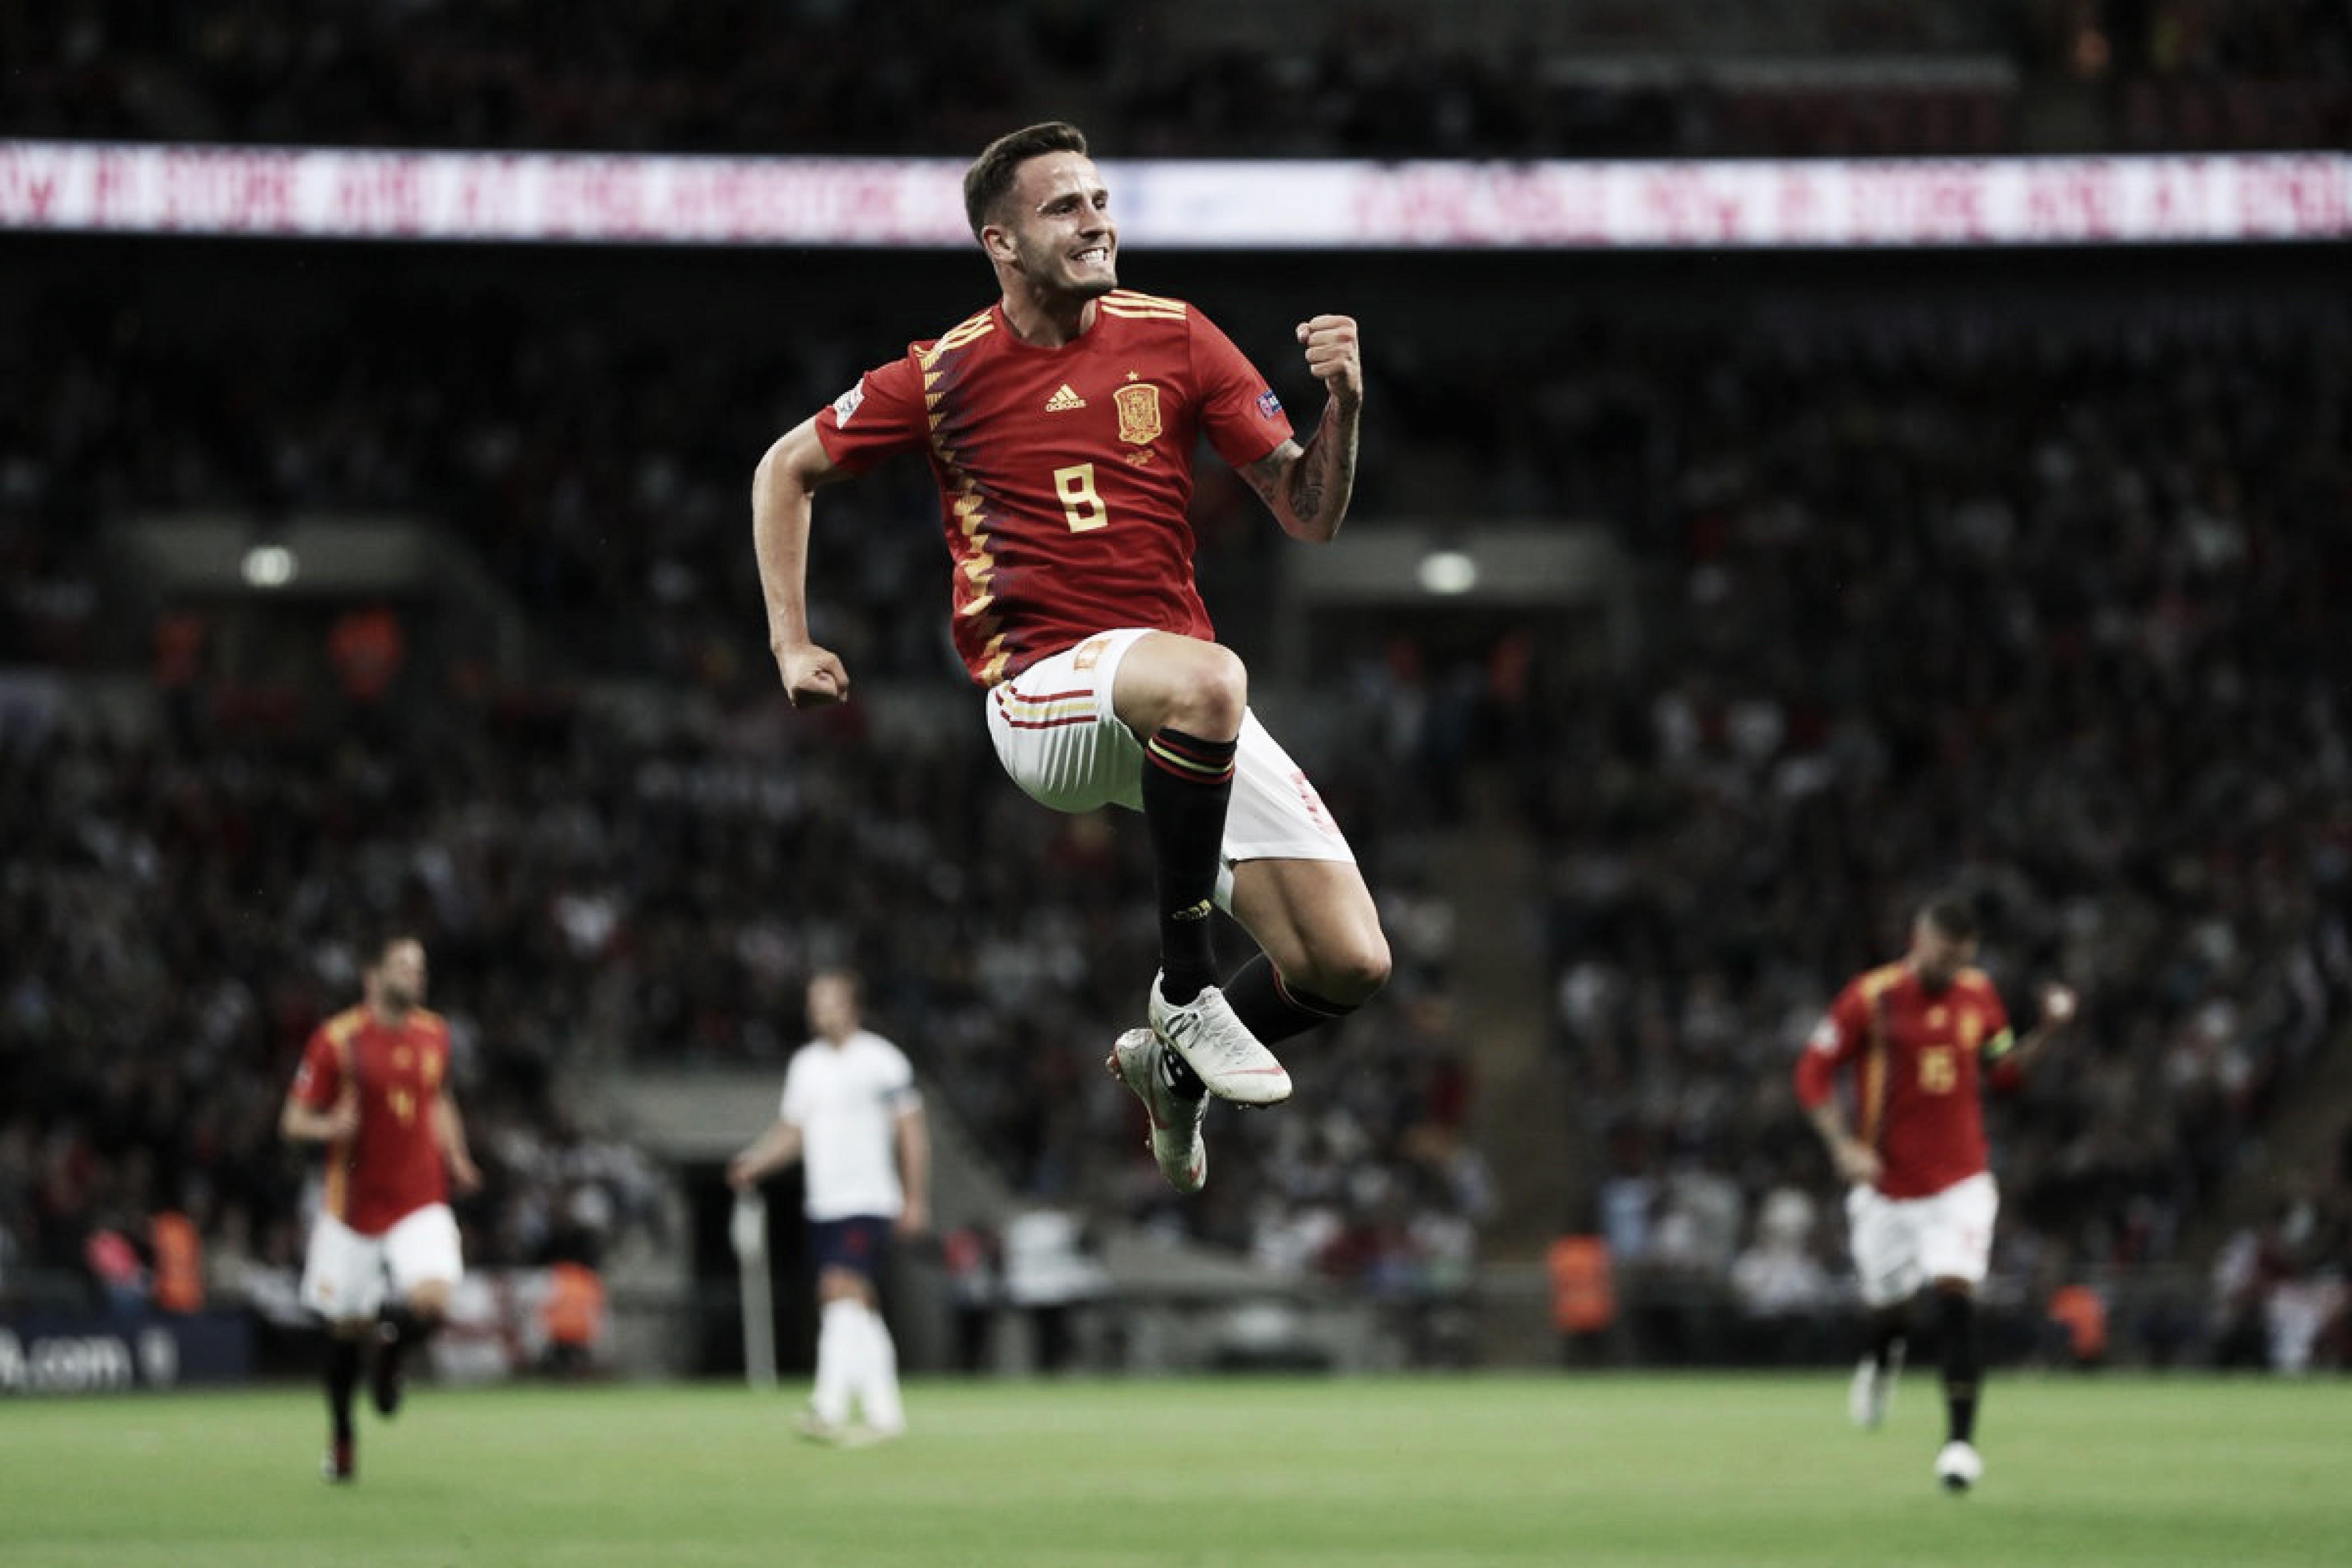 Espanha vira contra Inglaterra em Wembley e estreia com pé direito na Liga das Nações